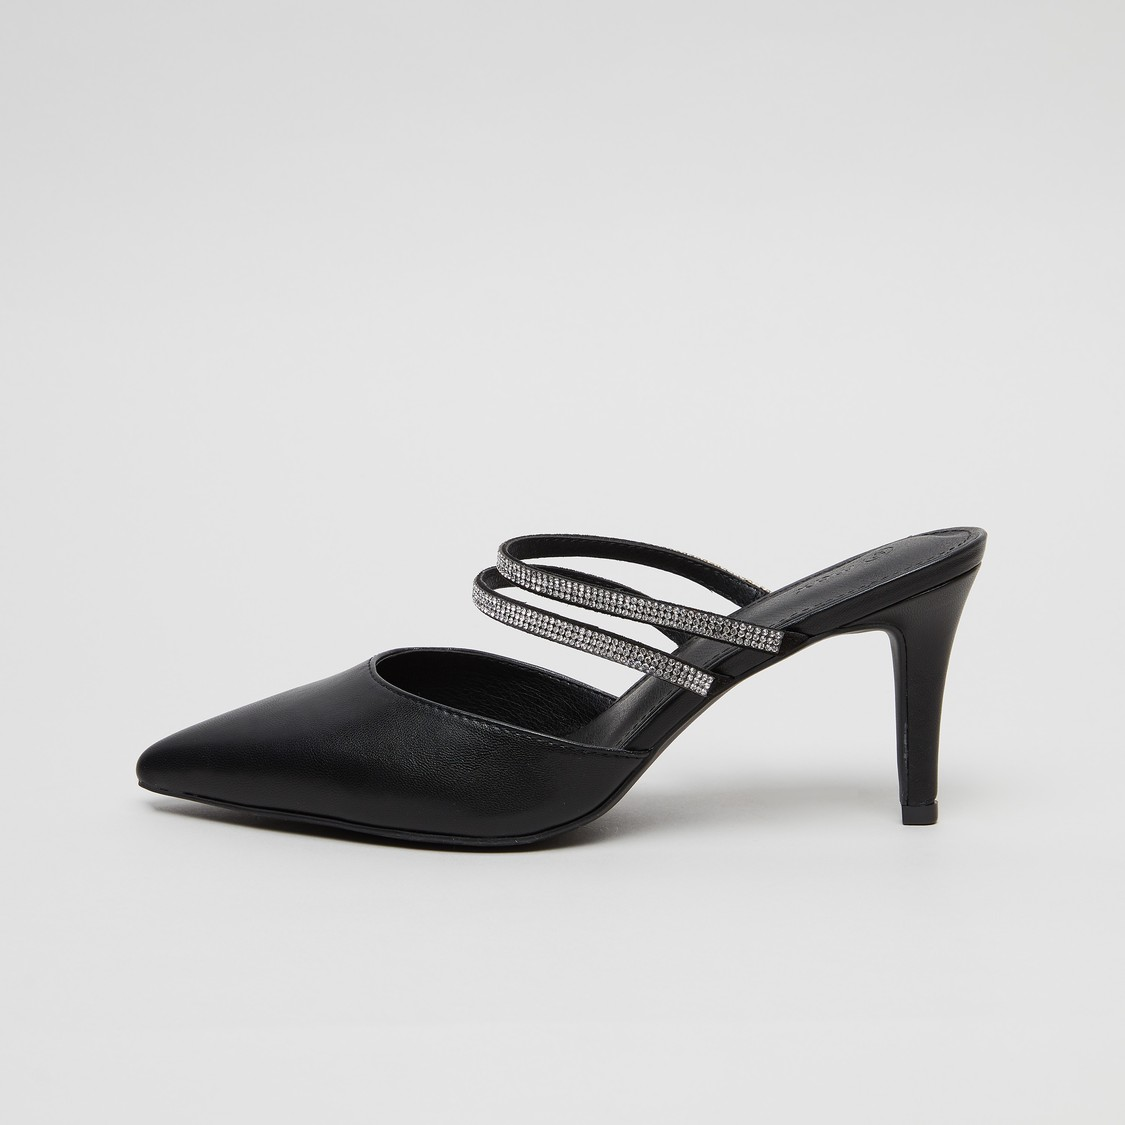 حذاء ميول مزين بأحزمة بكعب ستيليتو